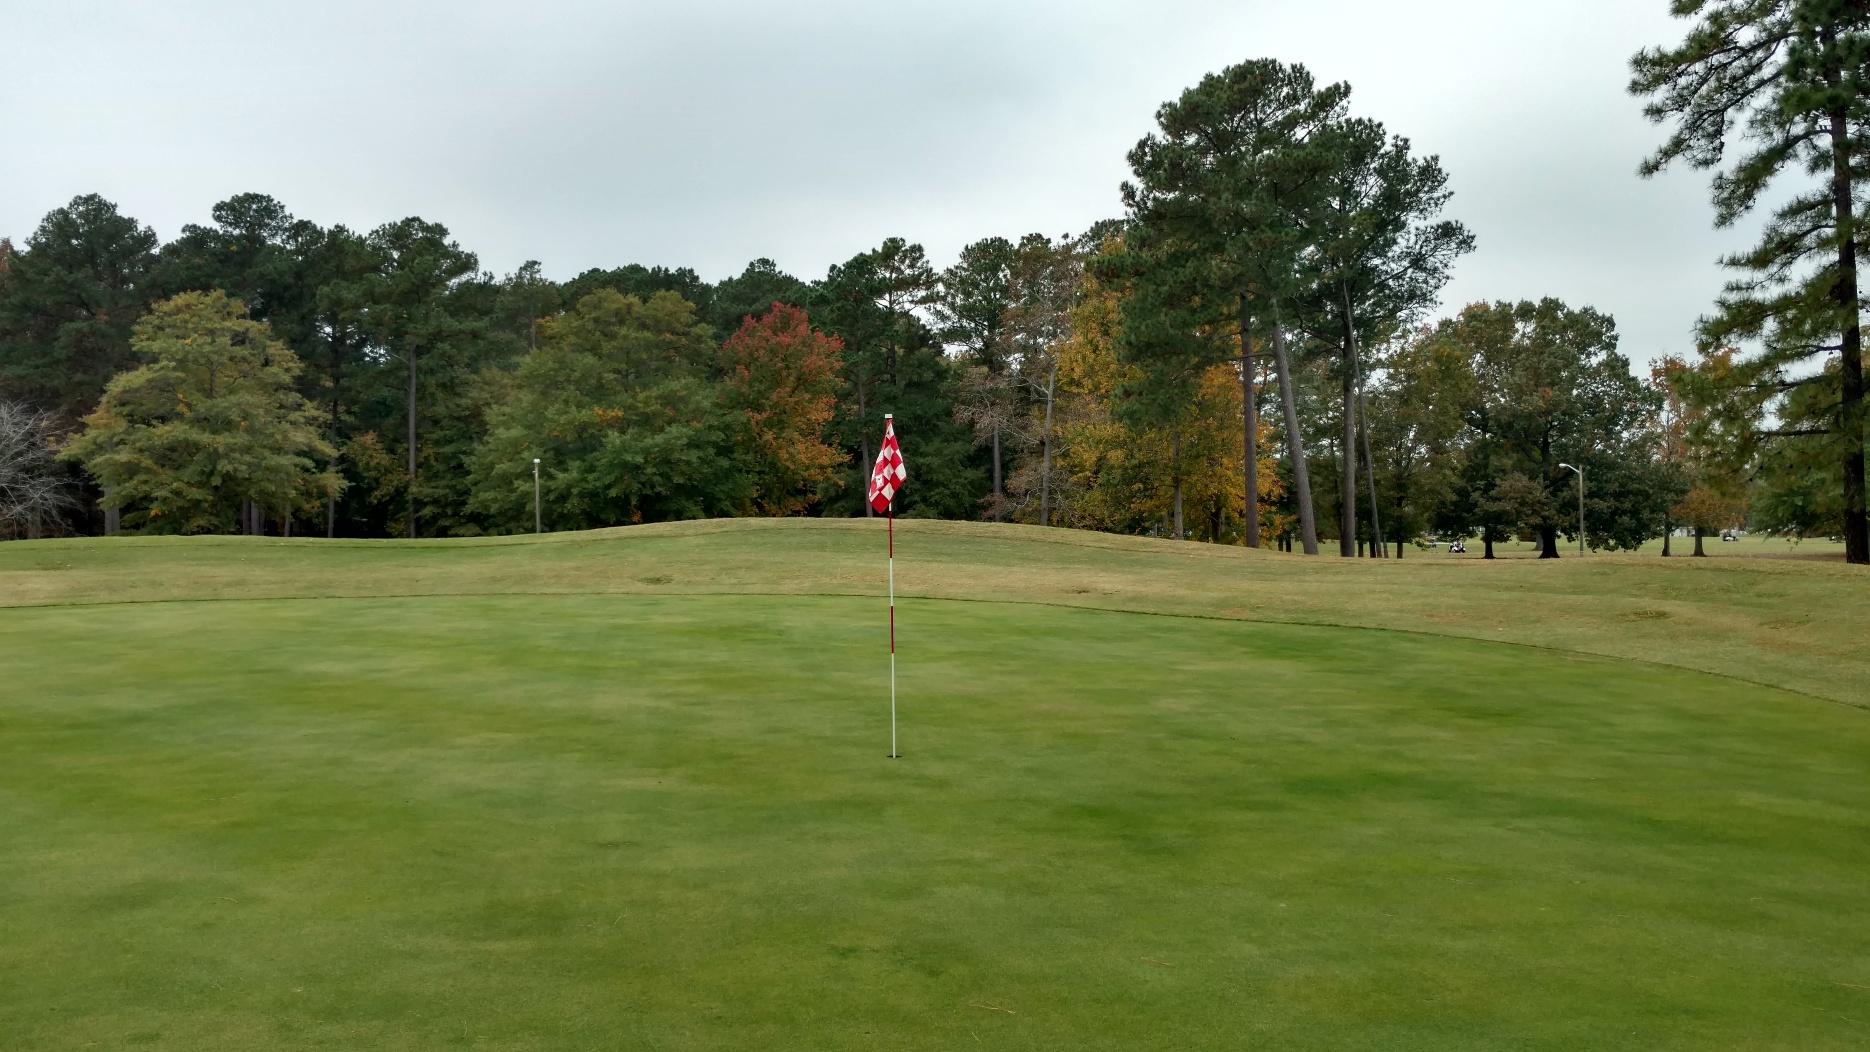 Chesapeake Golf Club (Chesapeake, VA on 11/05/17)